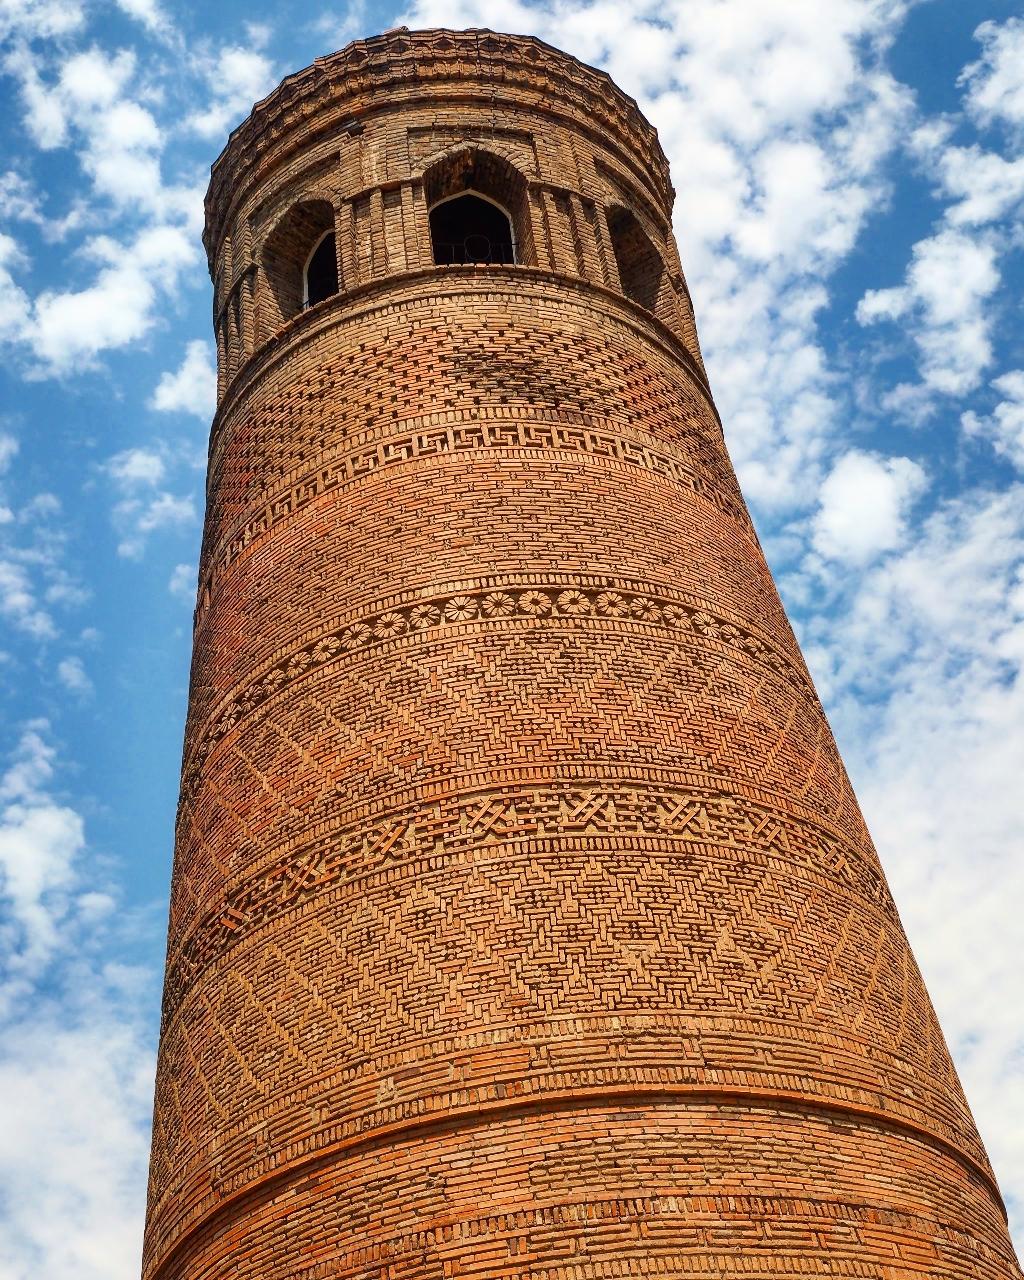 11th-13th century historical monuments of Kara-Khanid dynasty, in Southern Kyrgyzstan. Özgön city